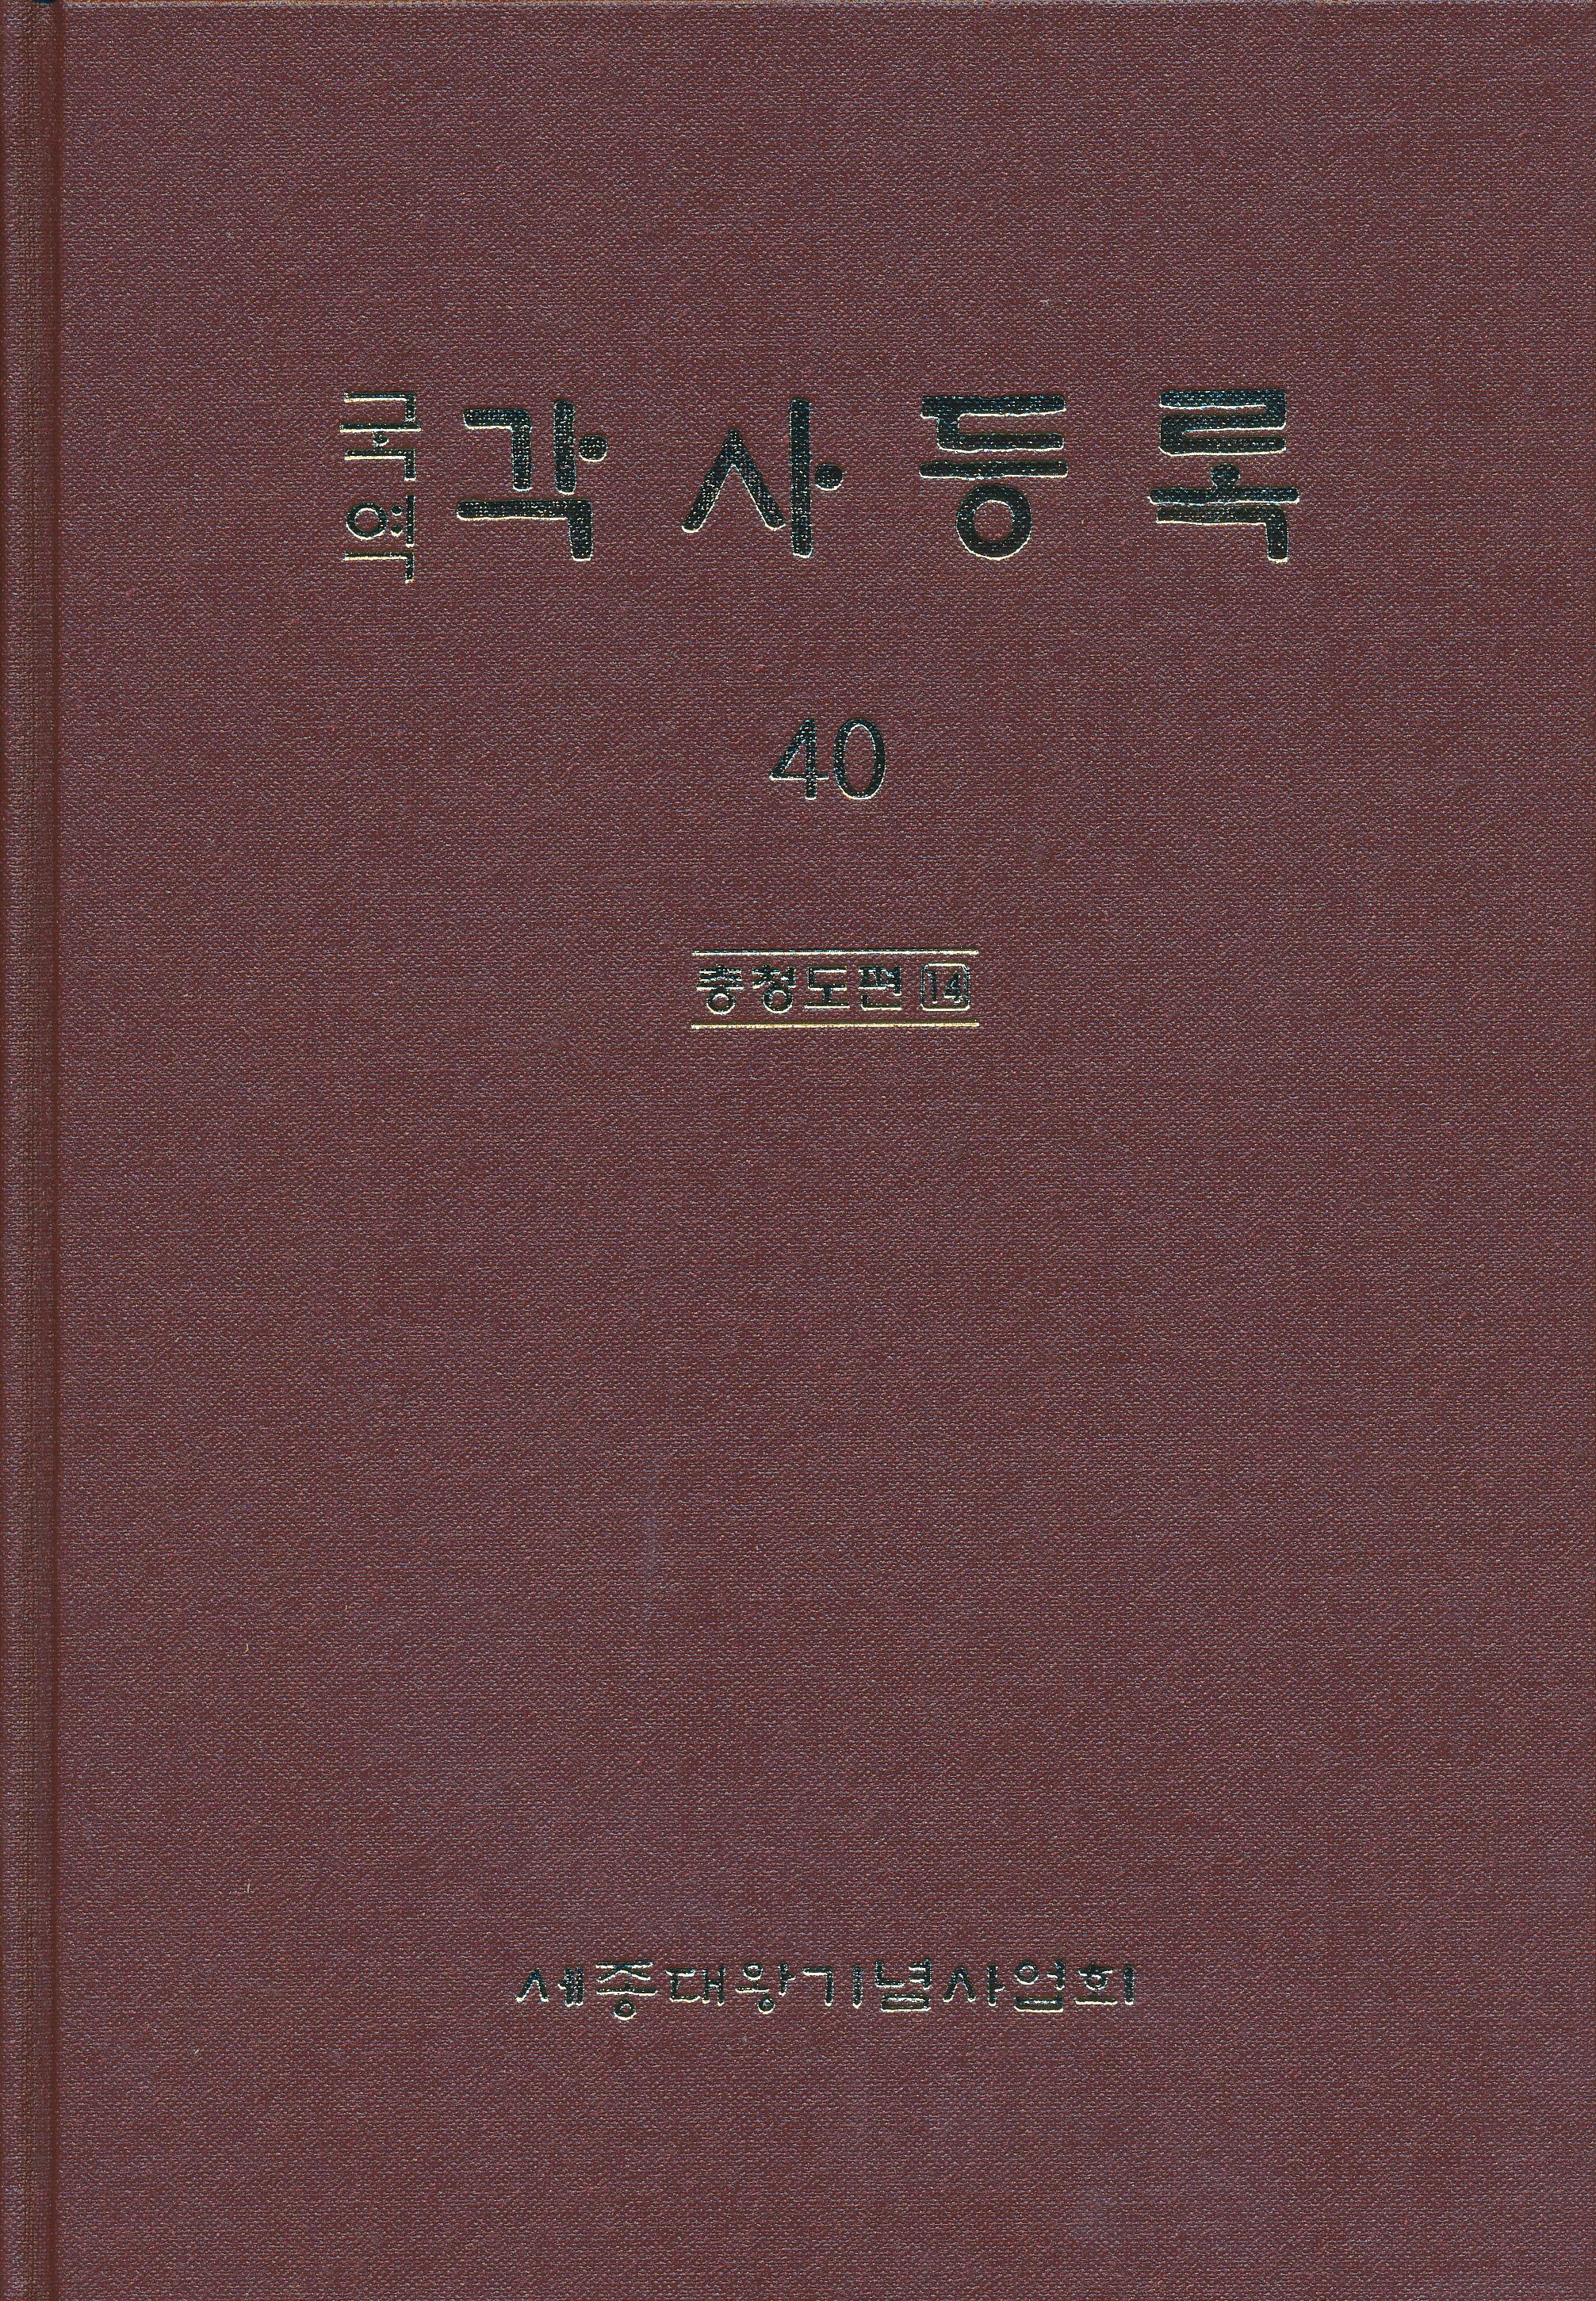 각사등록 40(충청도편 14)